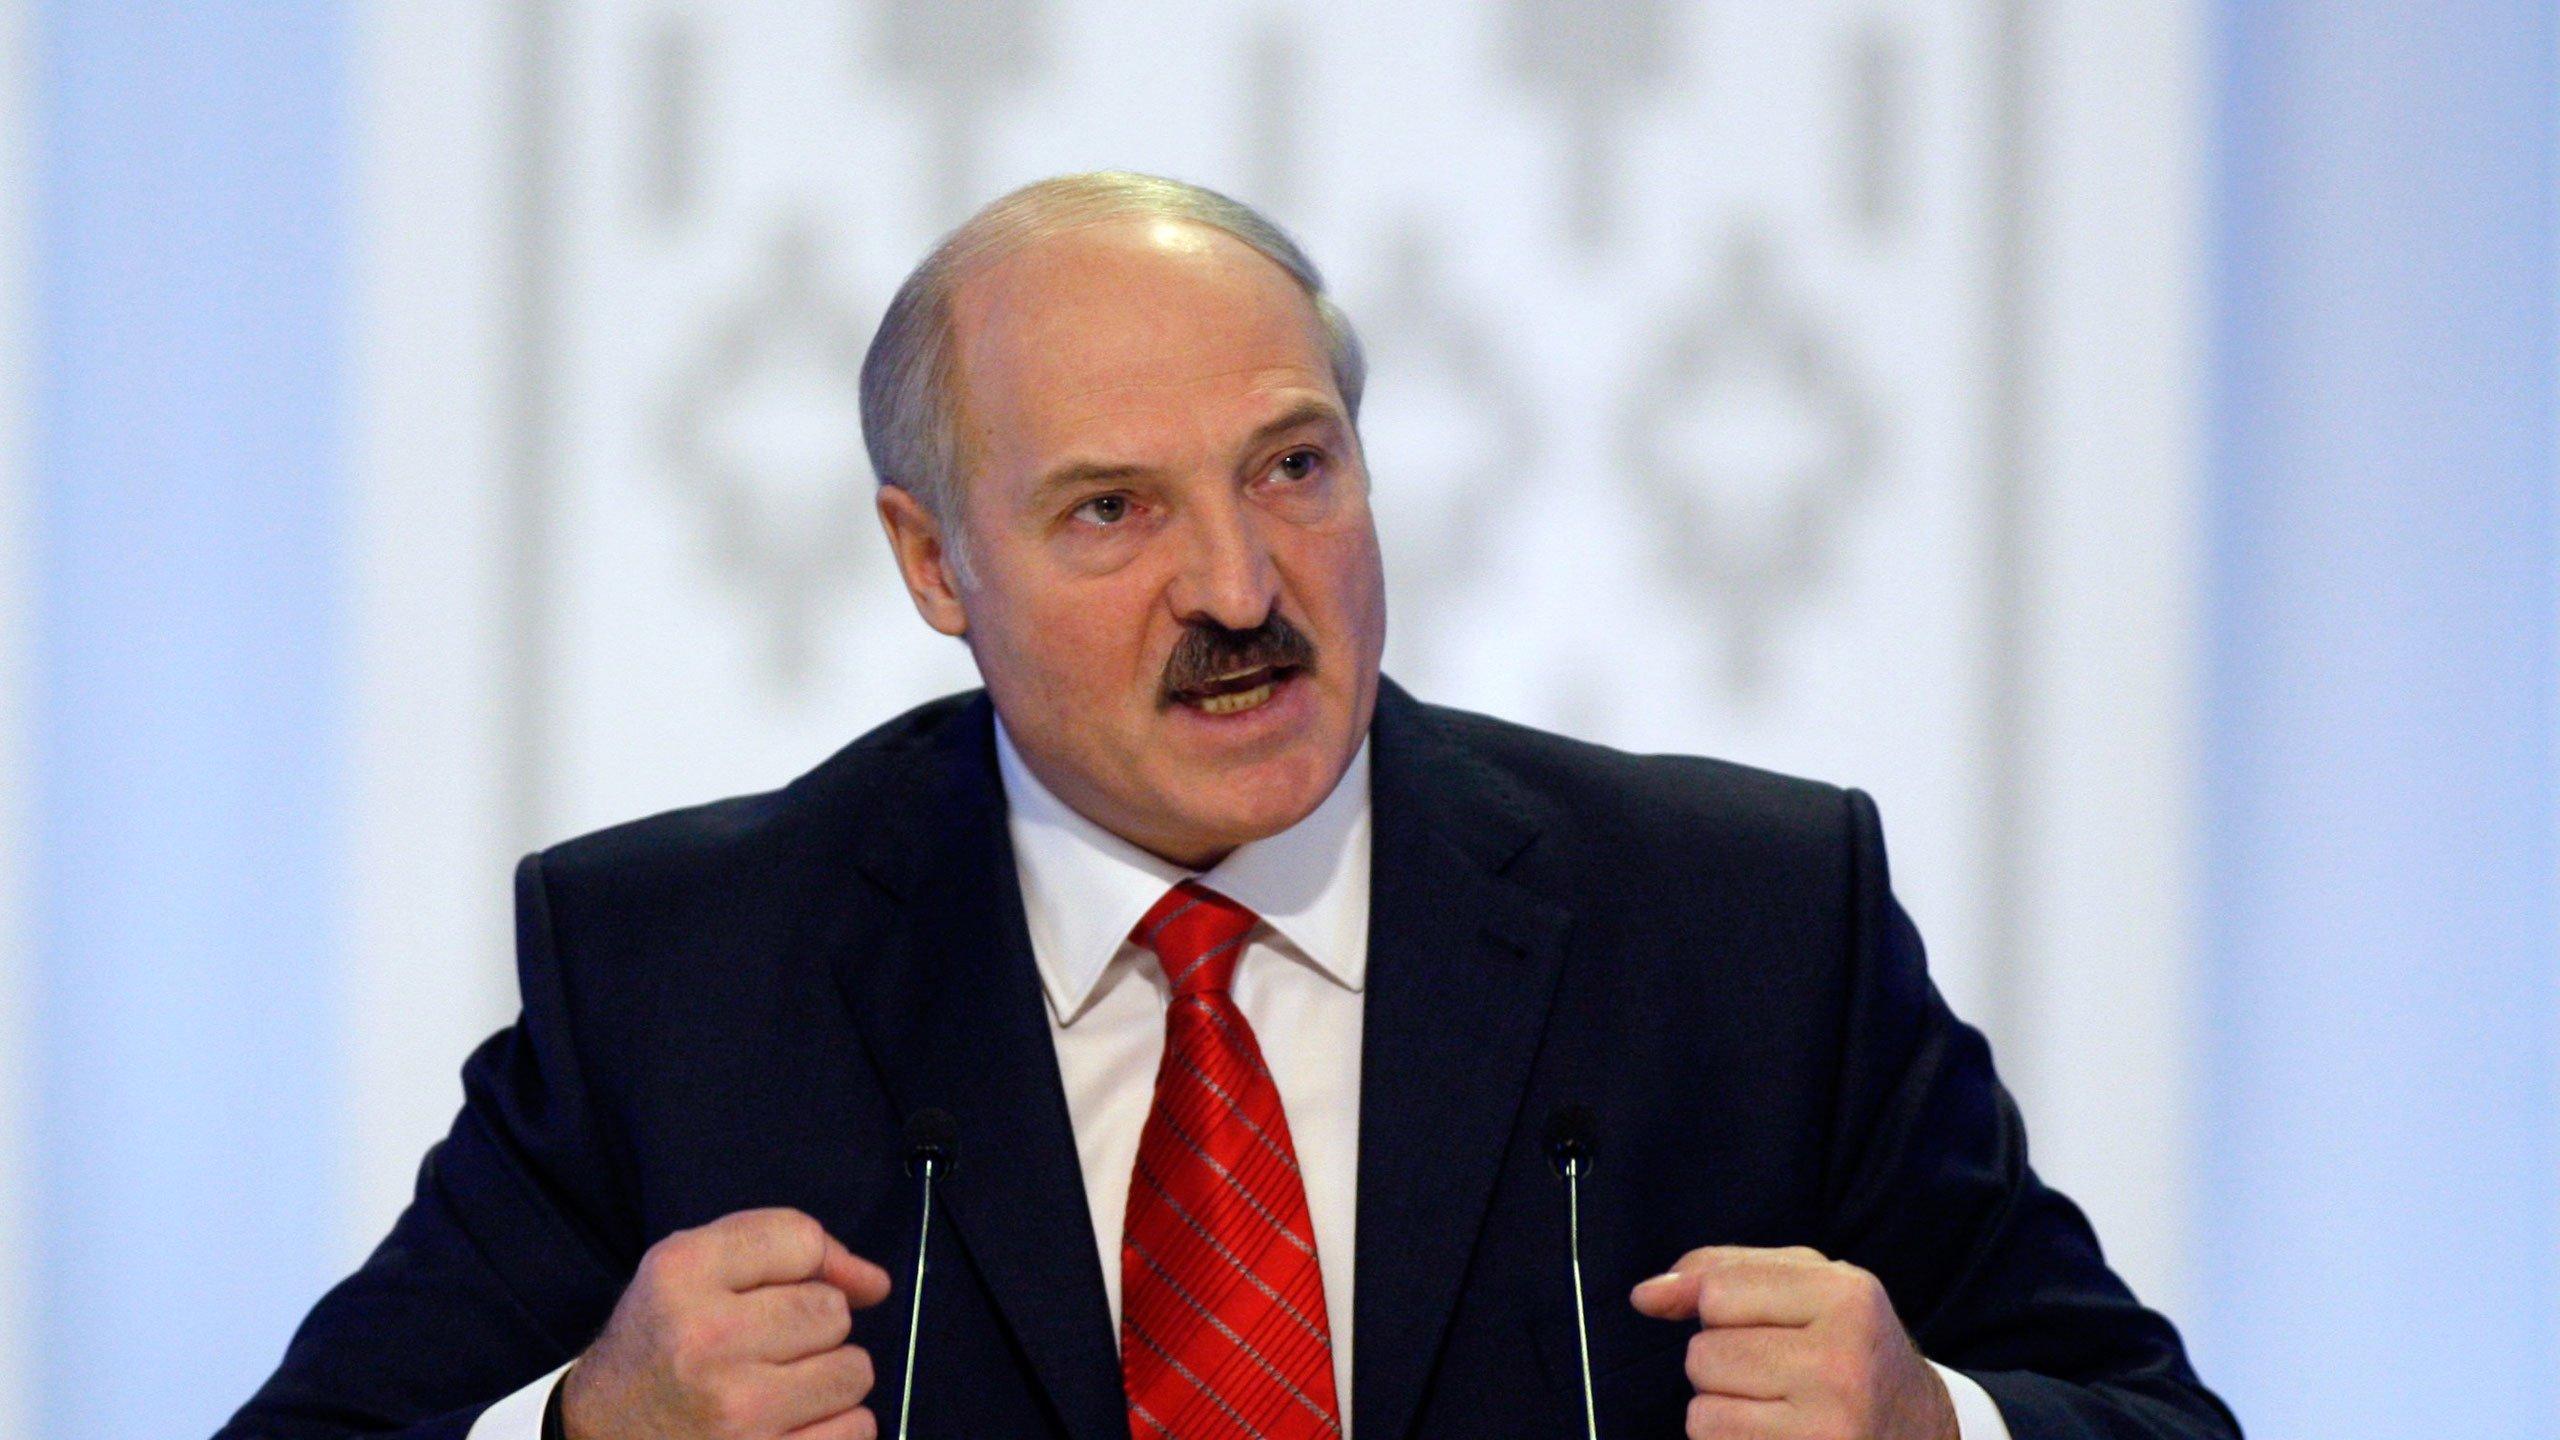 Лукашенко отправился в Сочи на переговоры с Путиным